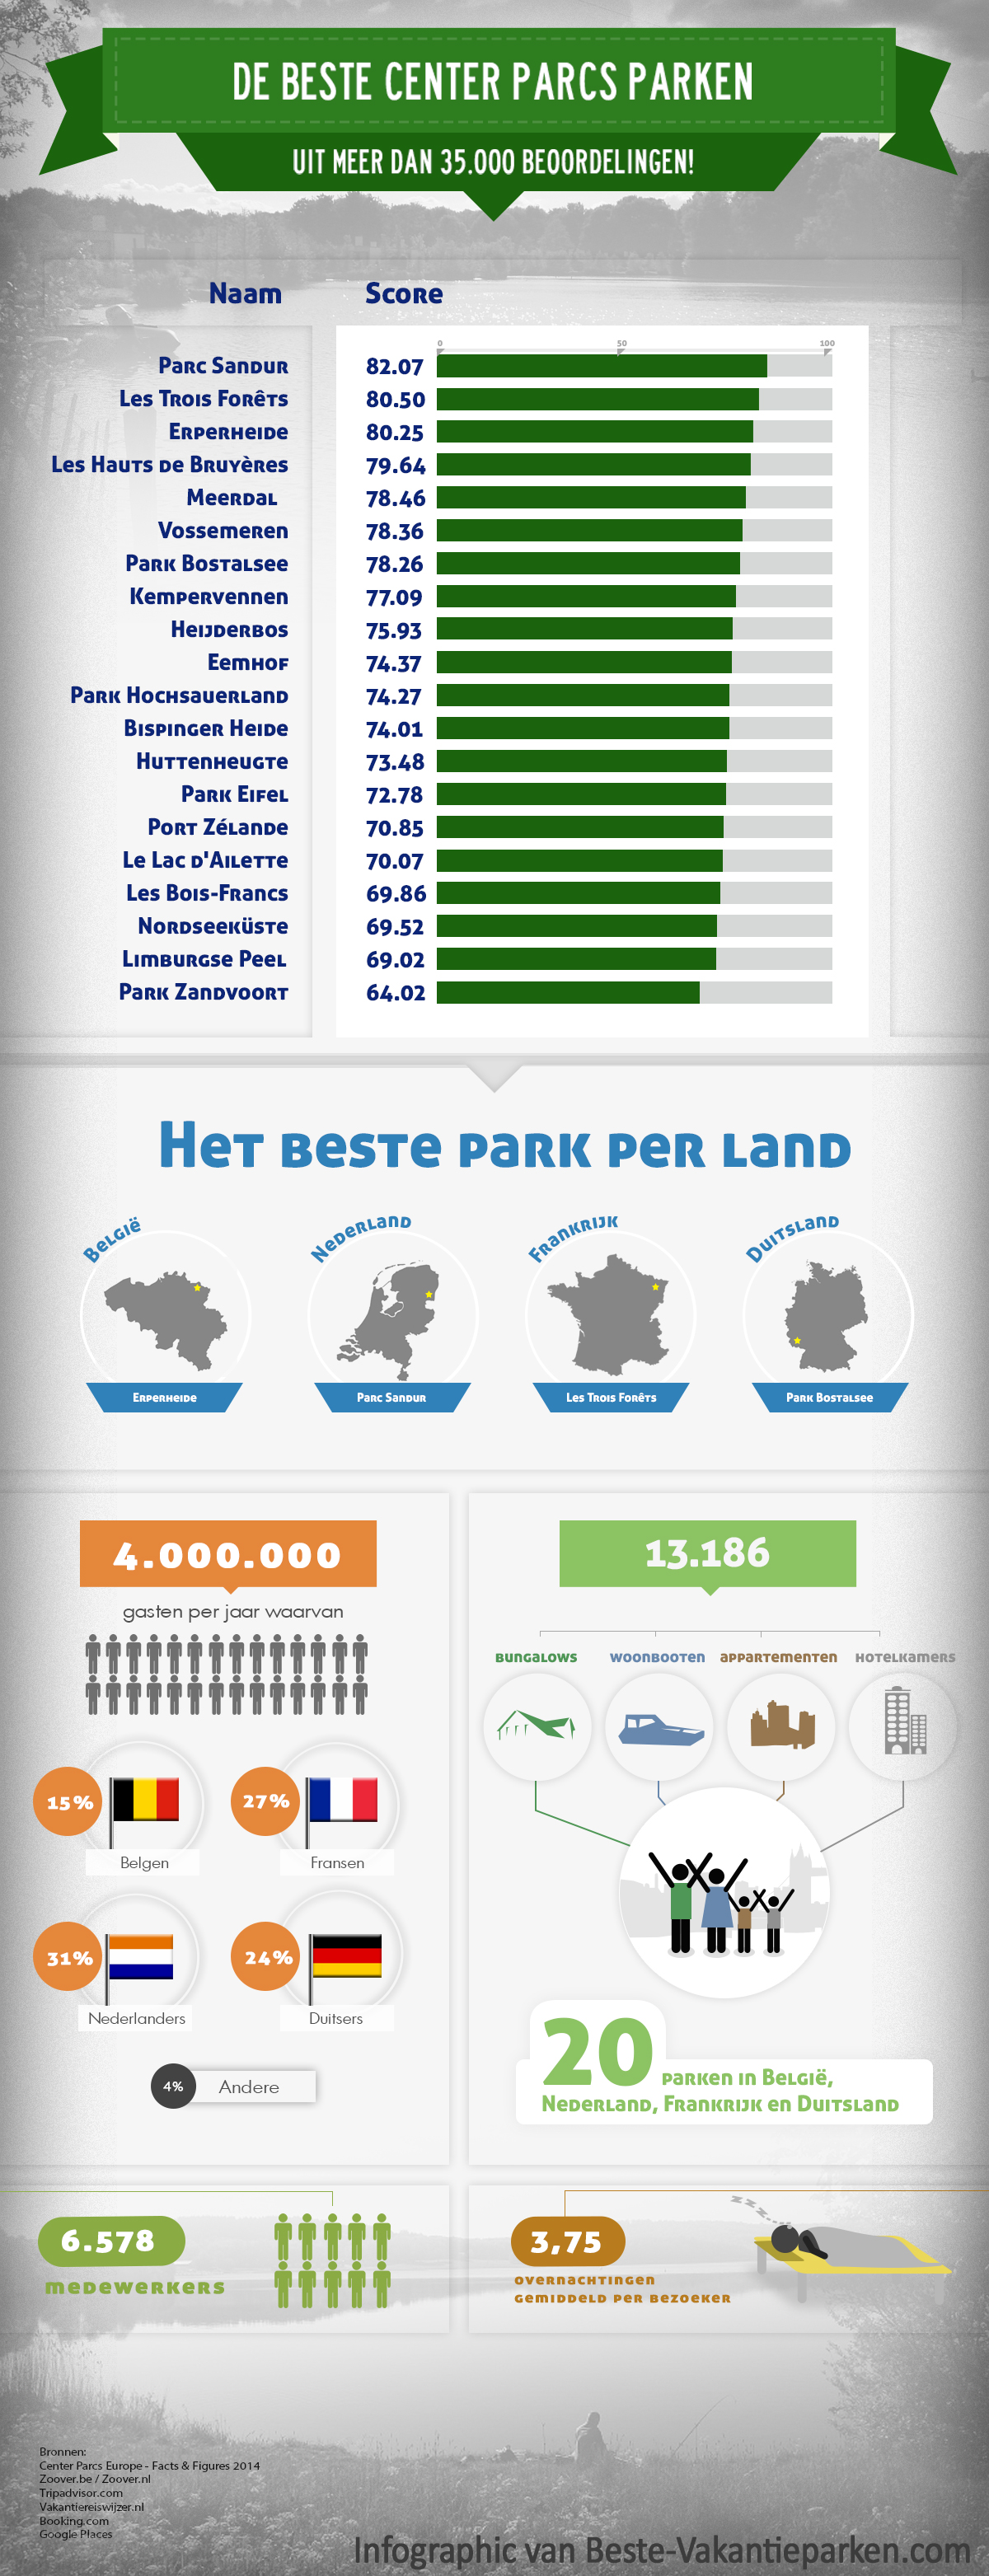 beste Center Parcs parken infographic